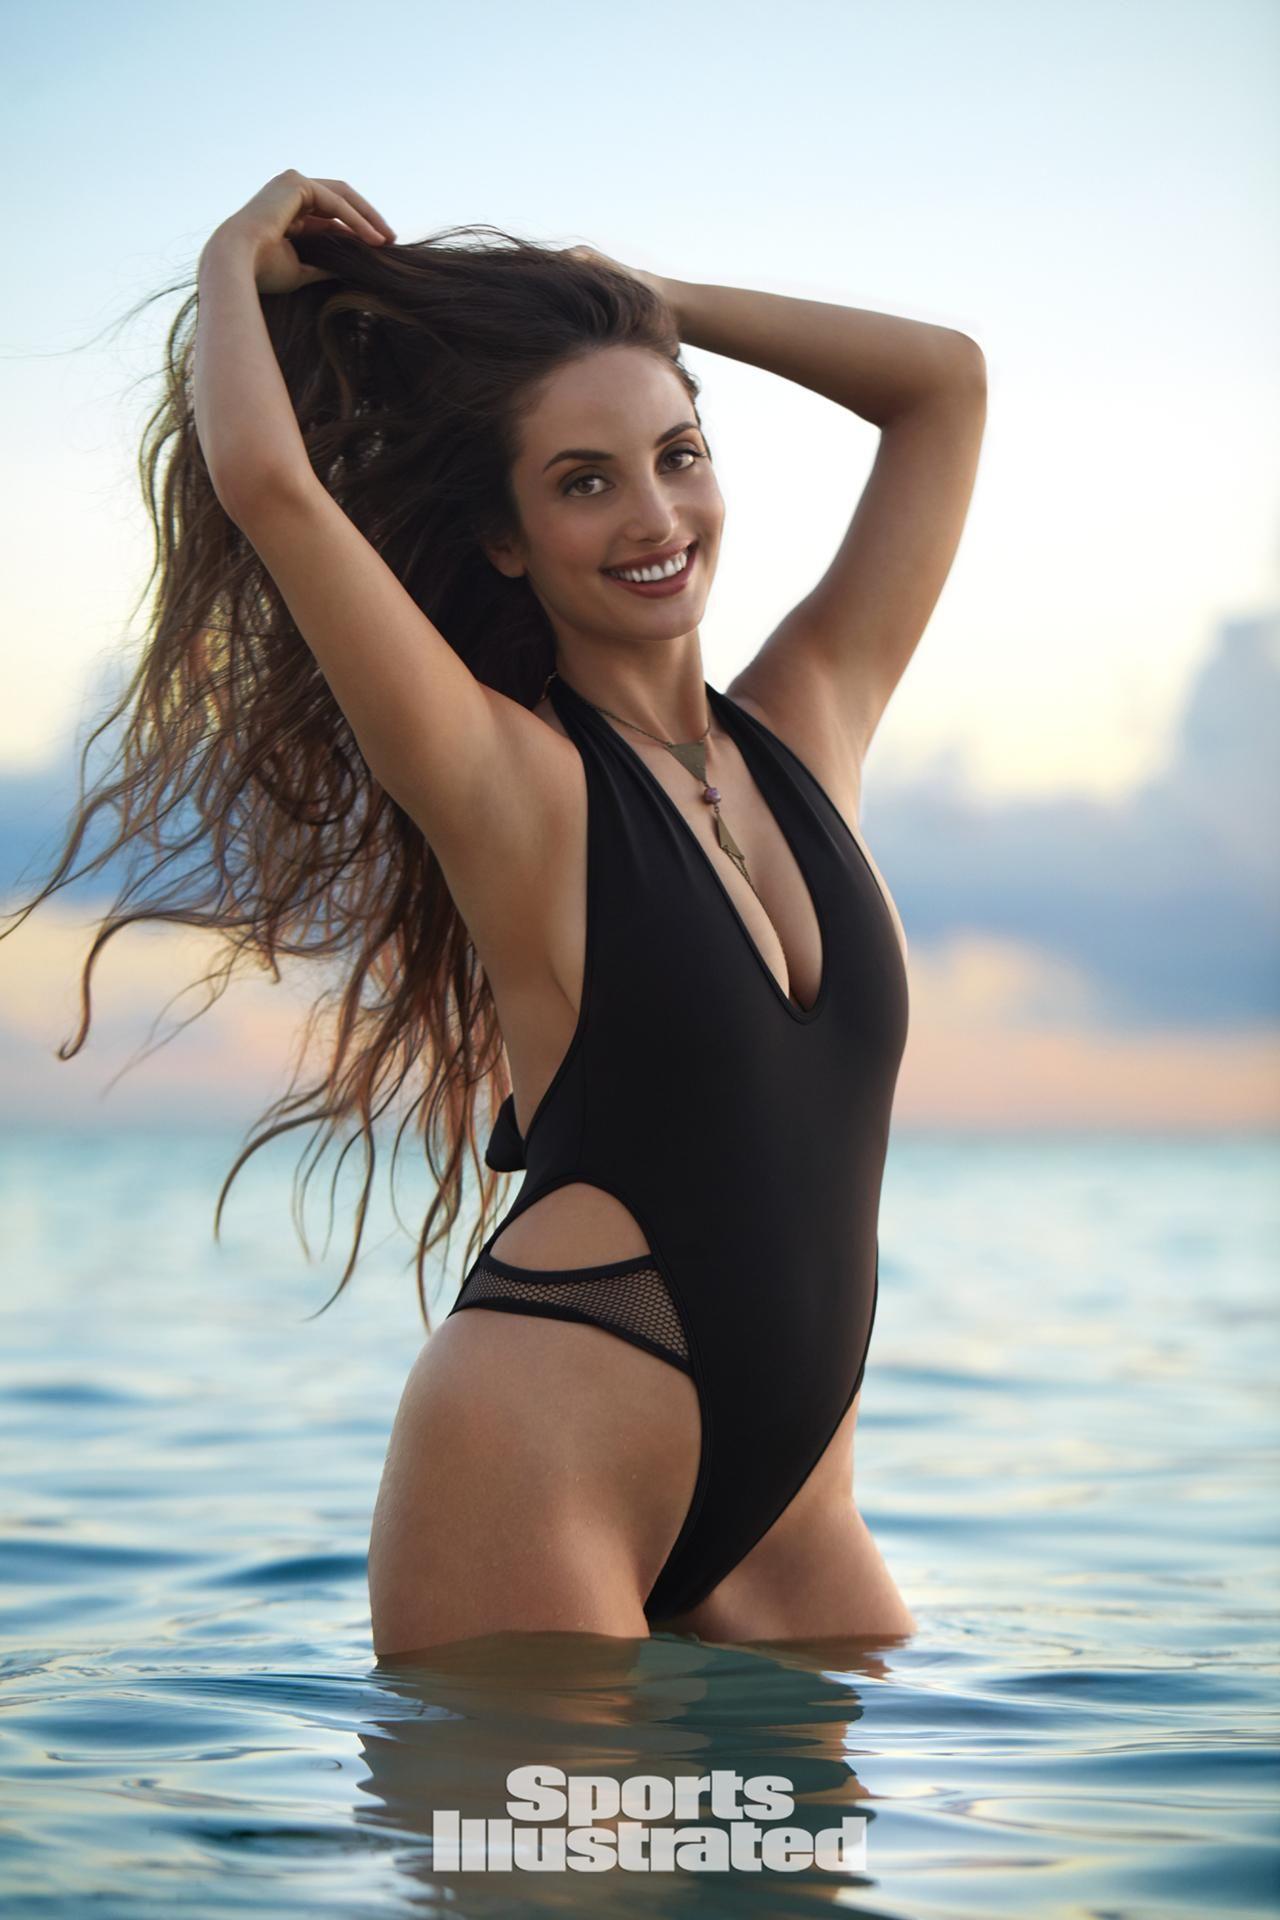 Sofia alexa joel naked